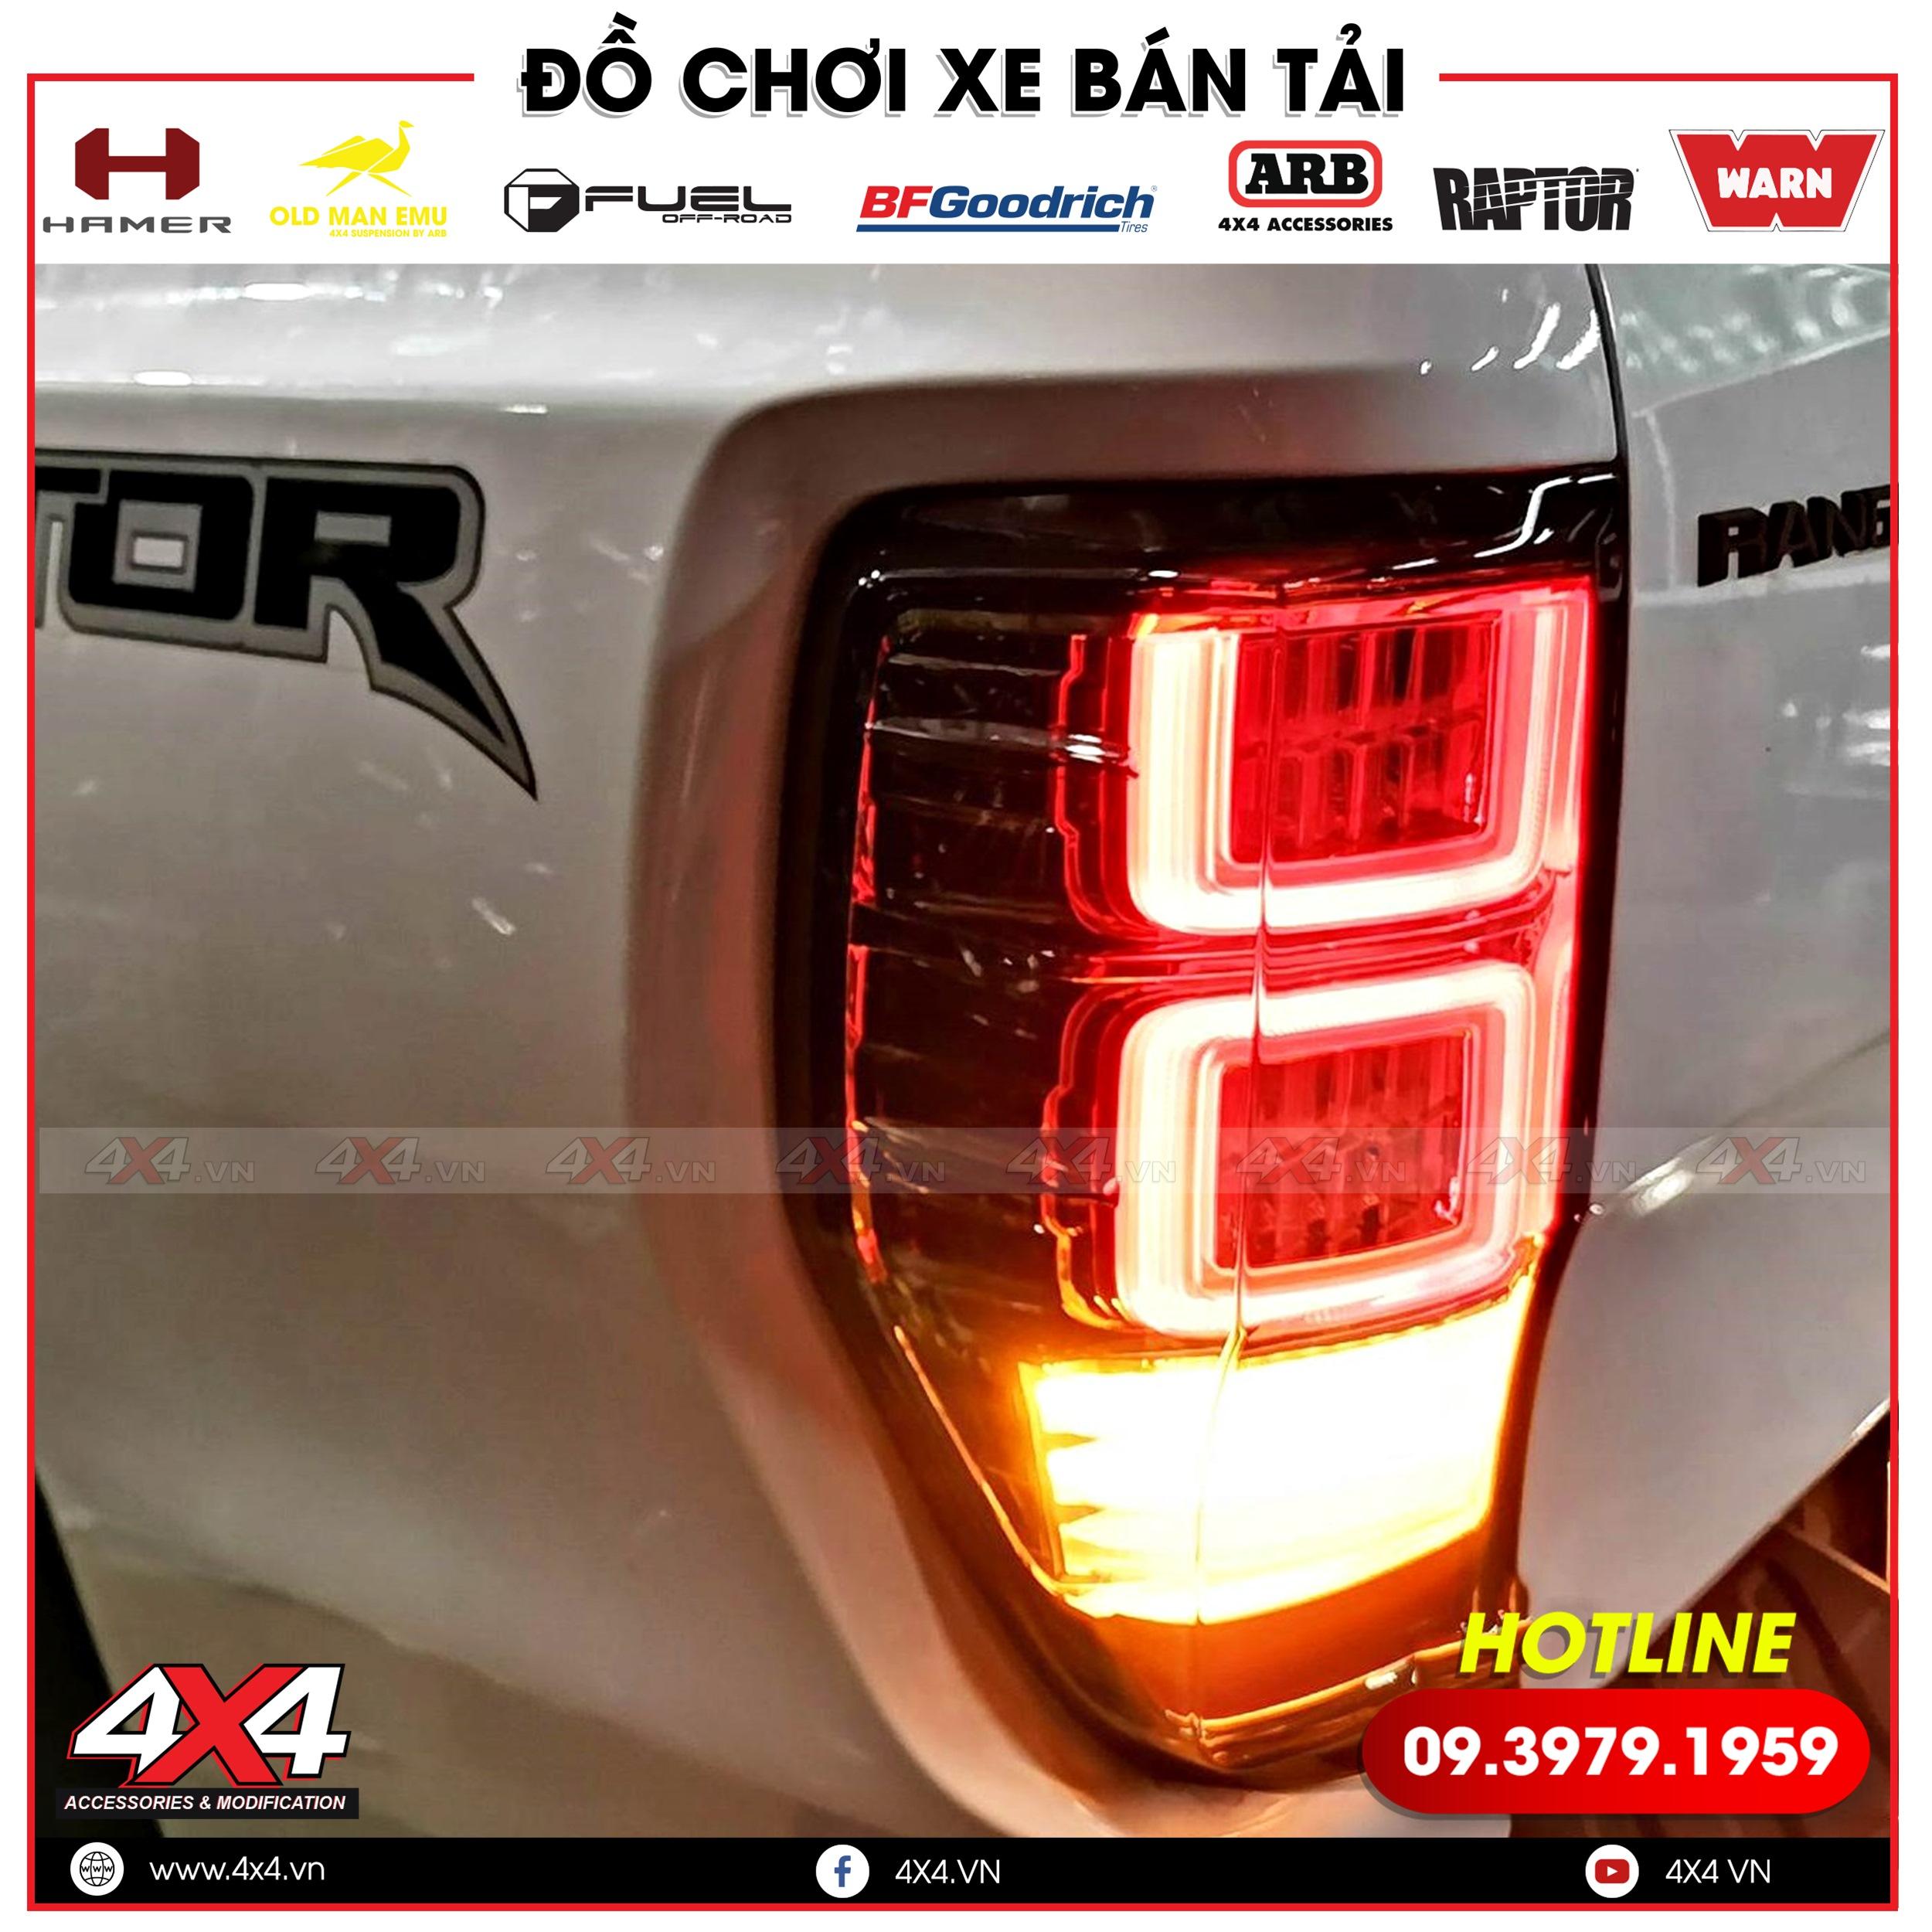 Đèn hậu độ kiểu Range Rover đẹp và nỏi bật dành cho xe bán tải Ford Ranger Raptor, Wildtrak, XLS, XLT